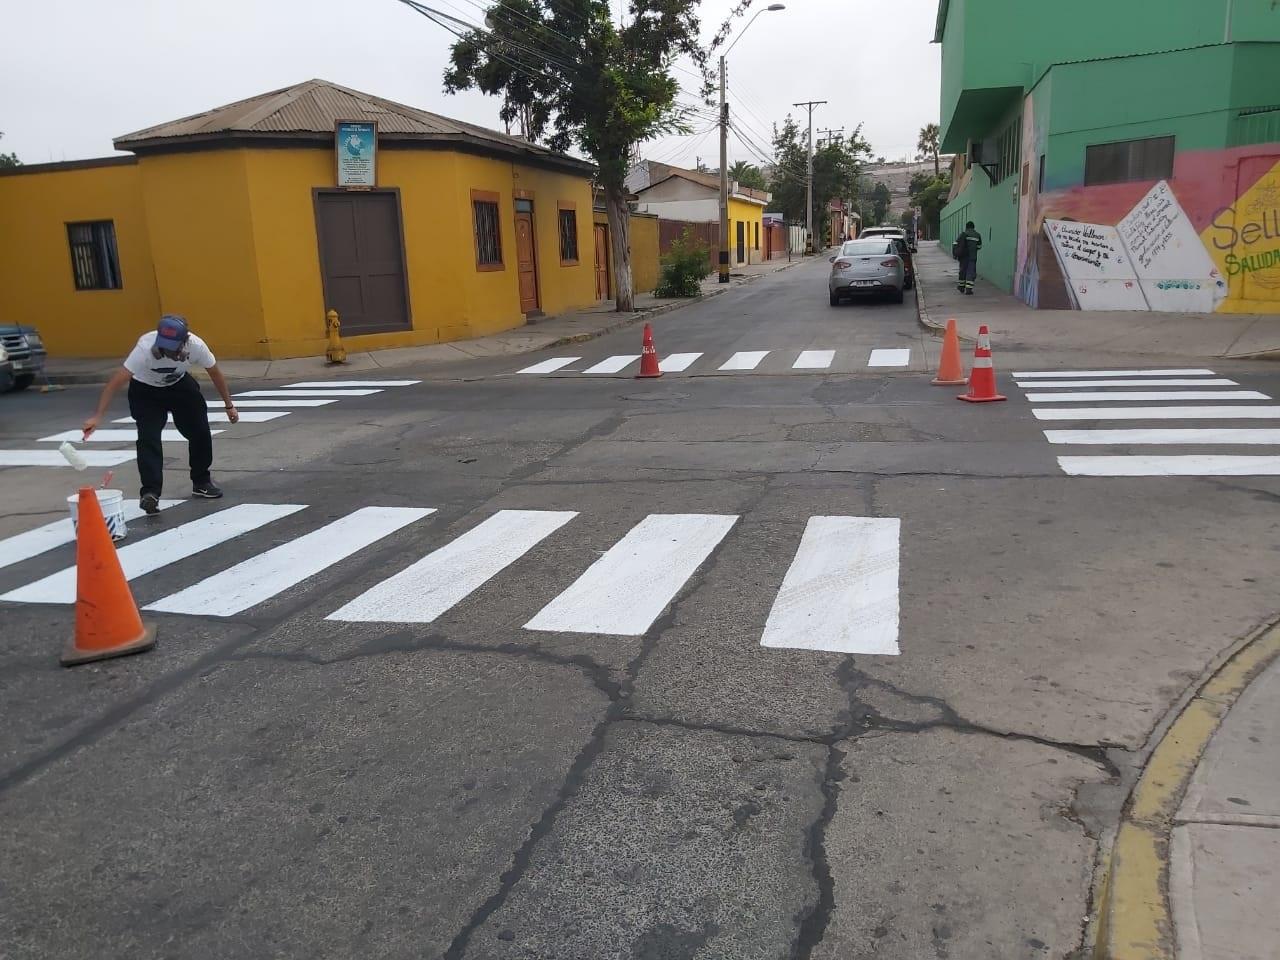 Dirección de Tránsito de Vallenar  vela por la seguridad peatonal